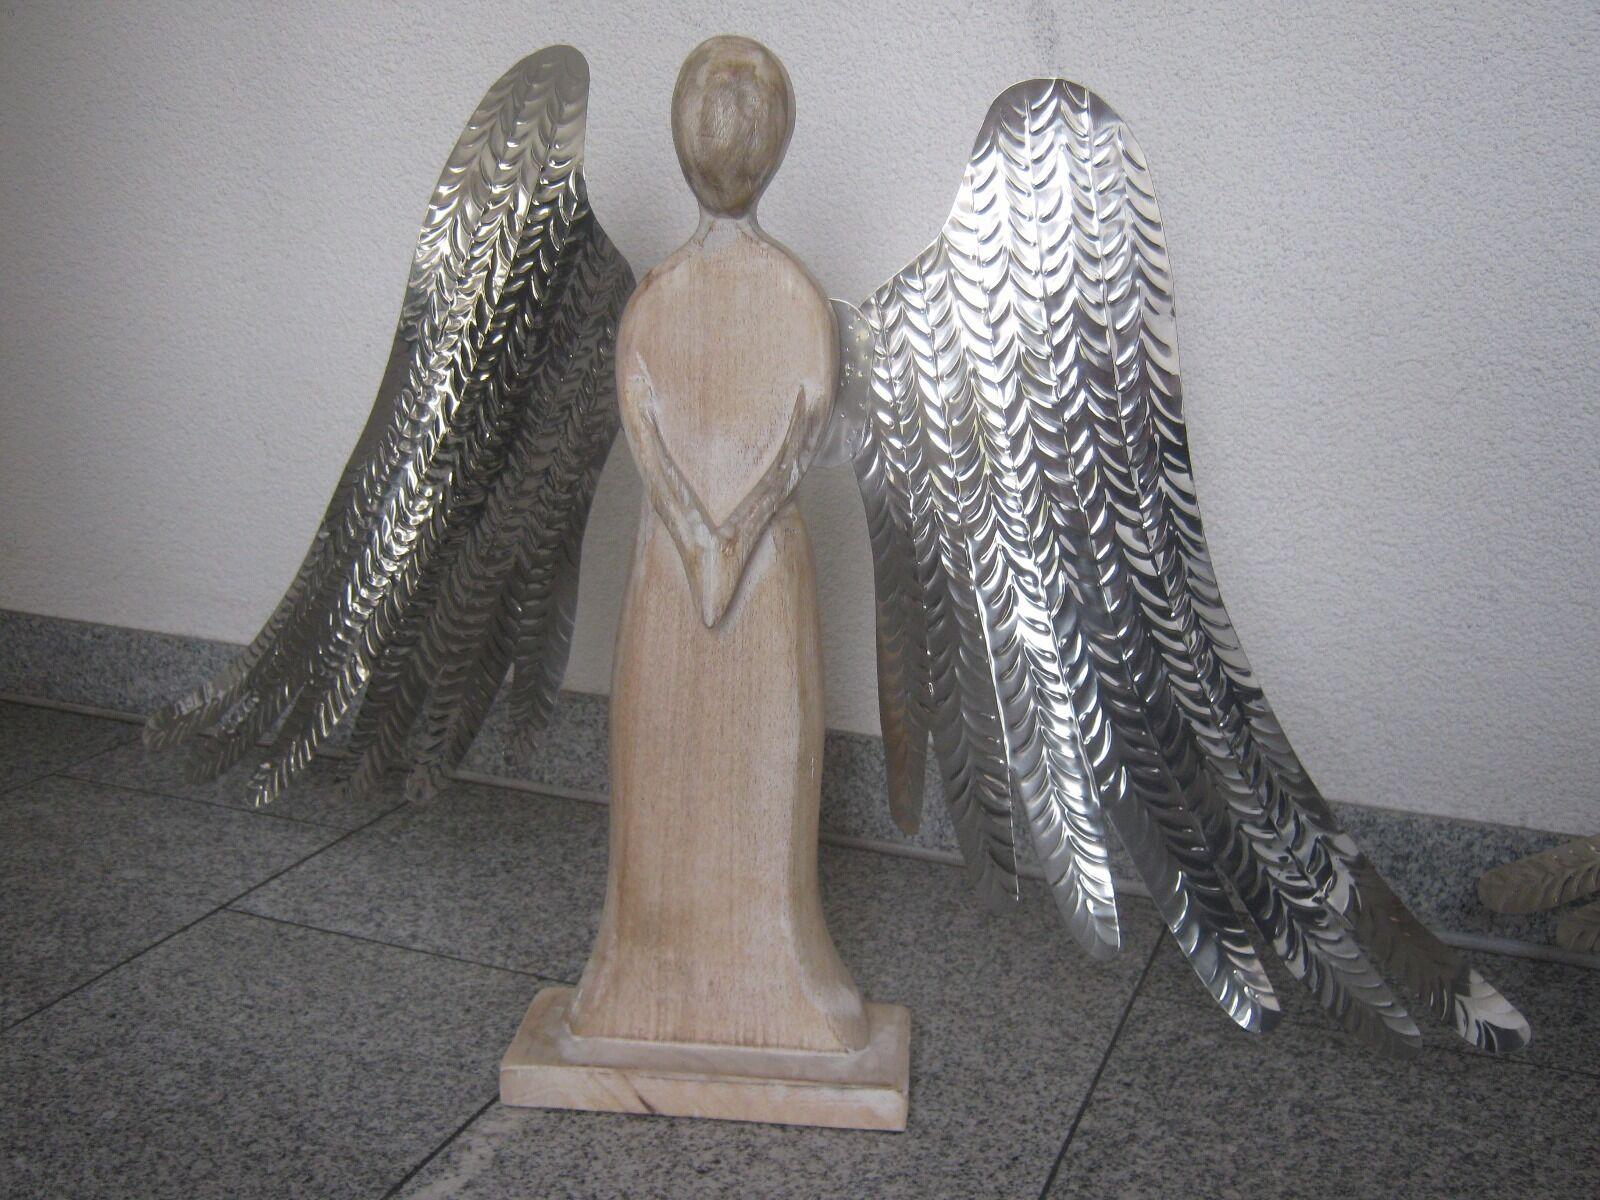 Engel Holz Designer Figur Skulptur Günstig Schnäppchen Dachbodenfund Rarität